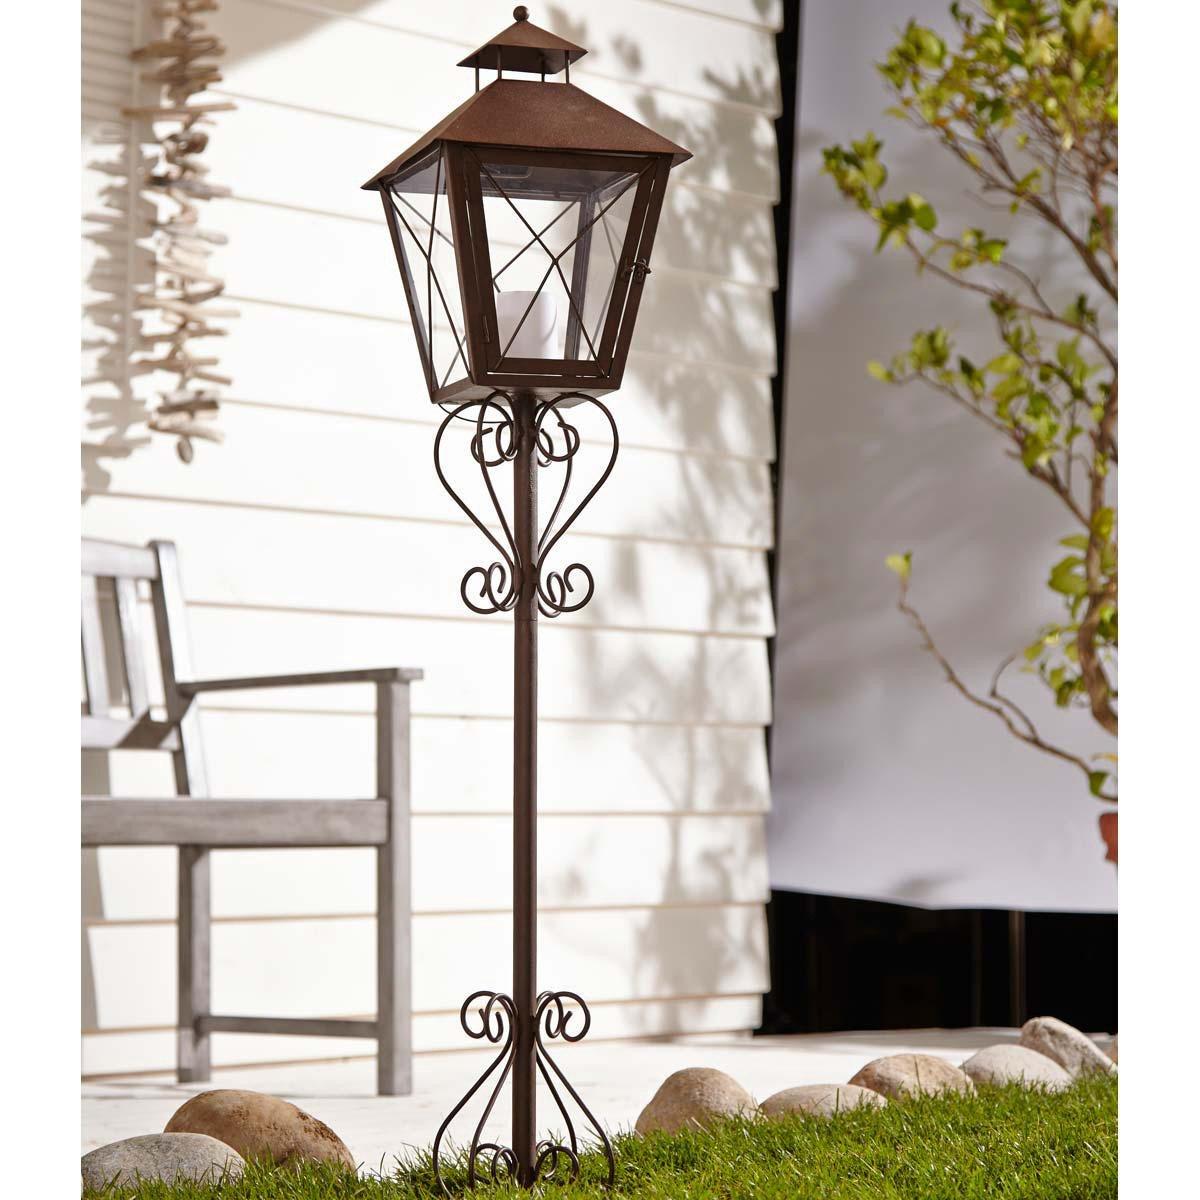 Solarleuchte Gartenlaterne Antik, Metall, braun, ca. 170 cm hoch ...